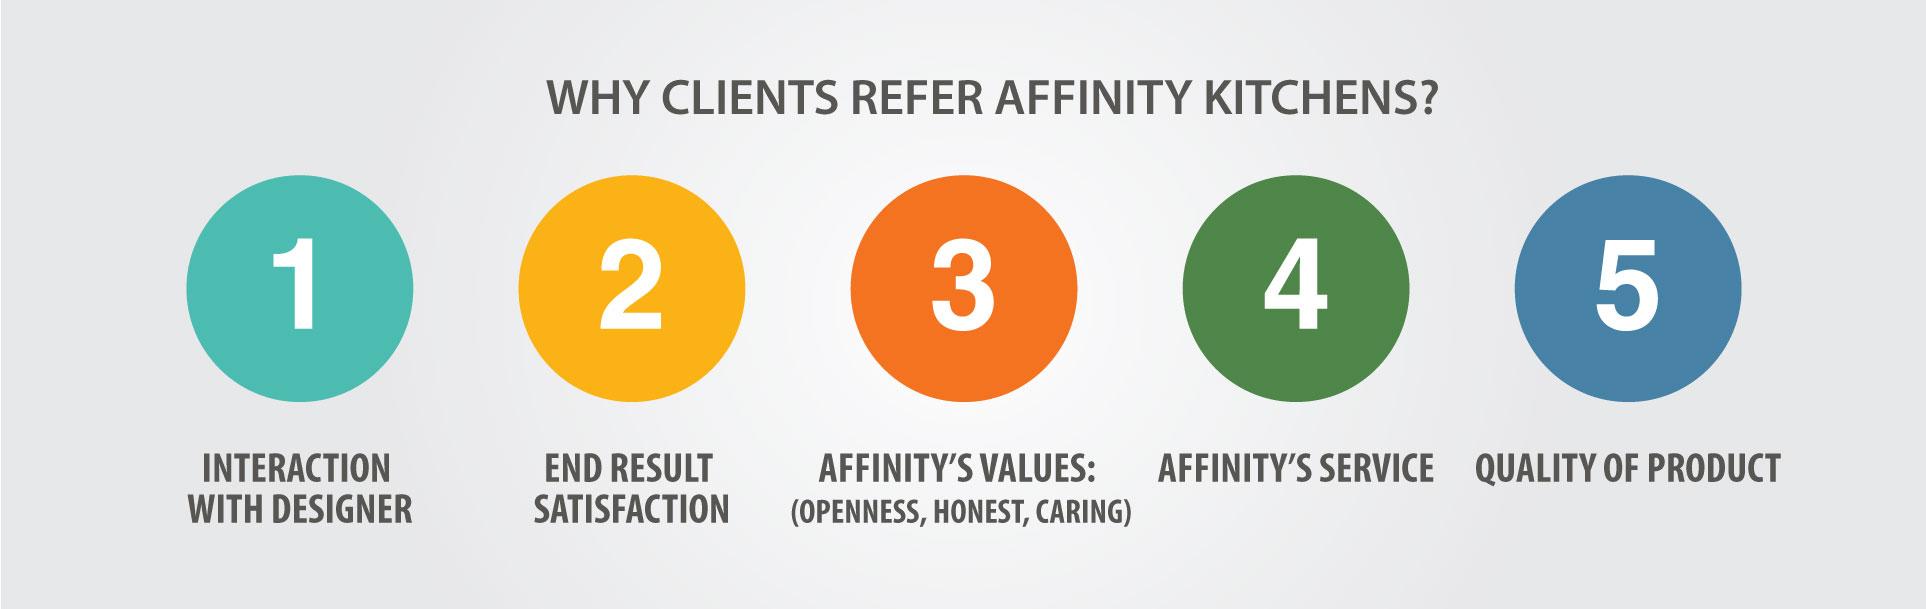 affinity_kitchens_whyrefer